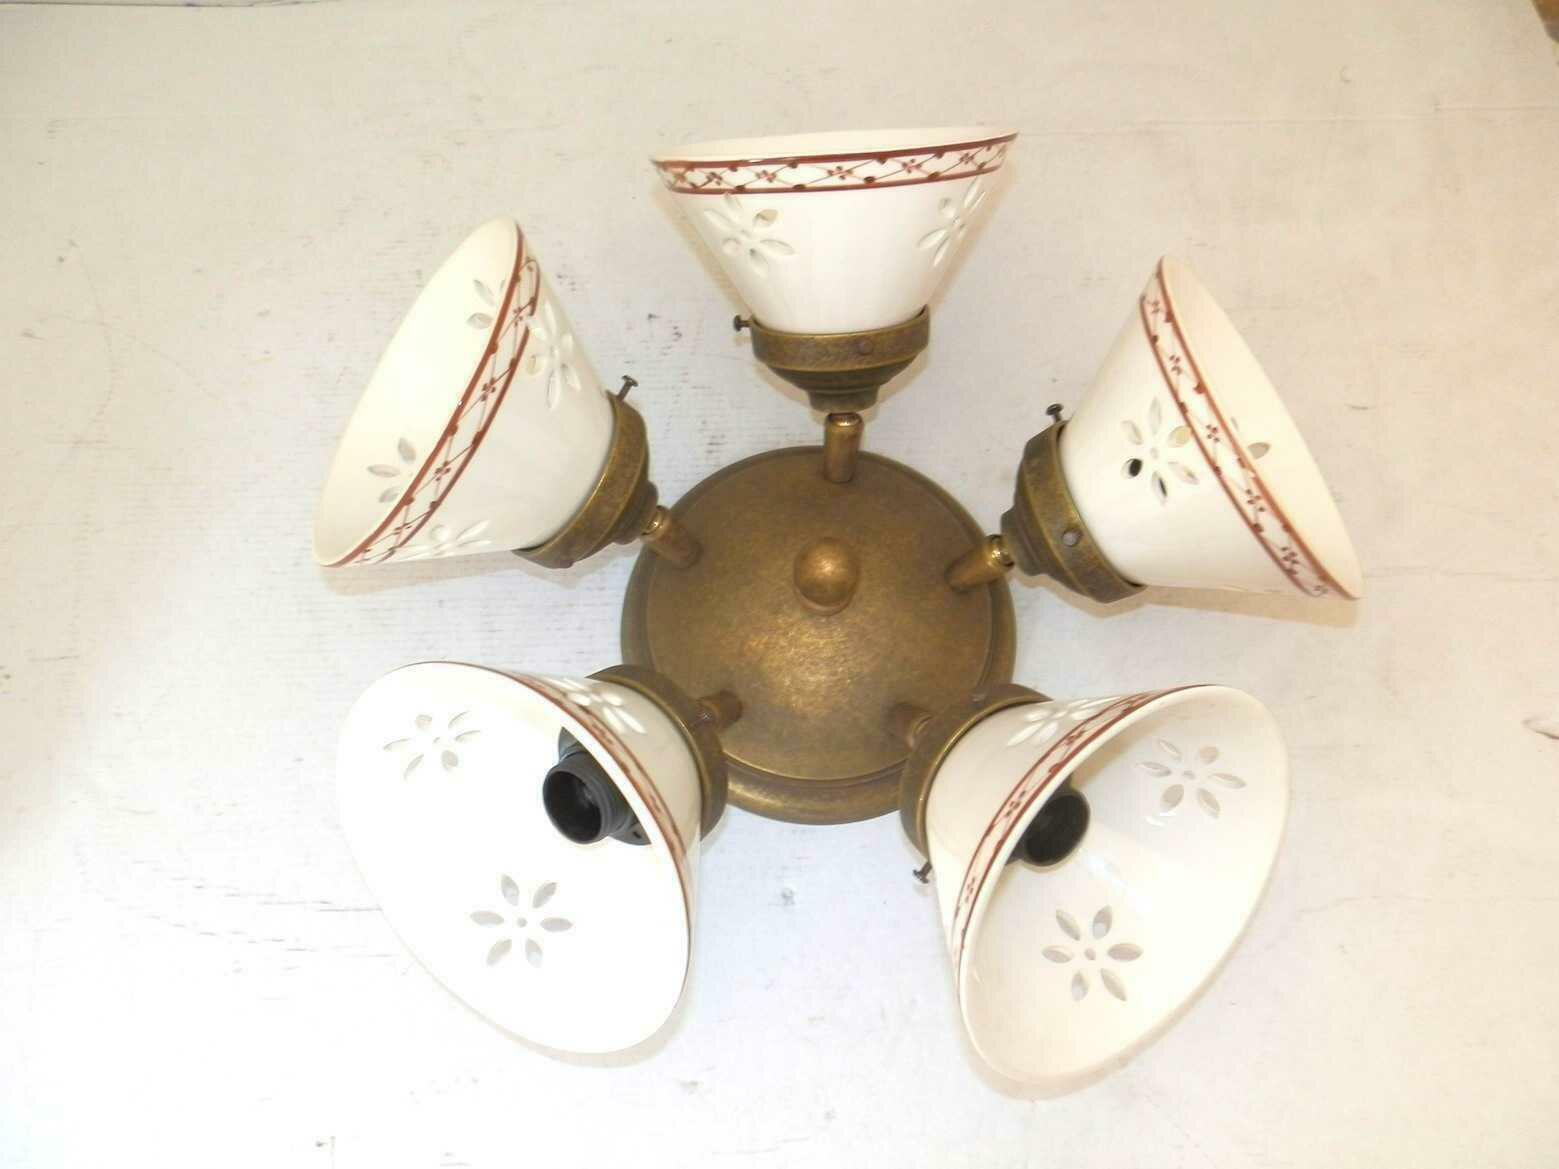 Plafoniere Per Taverna : Applique lampada plafoniera ottone casa arredo 5 luci con ceramica